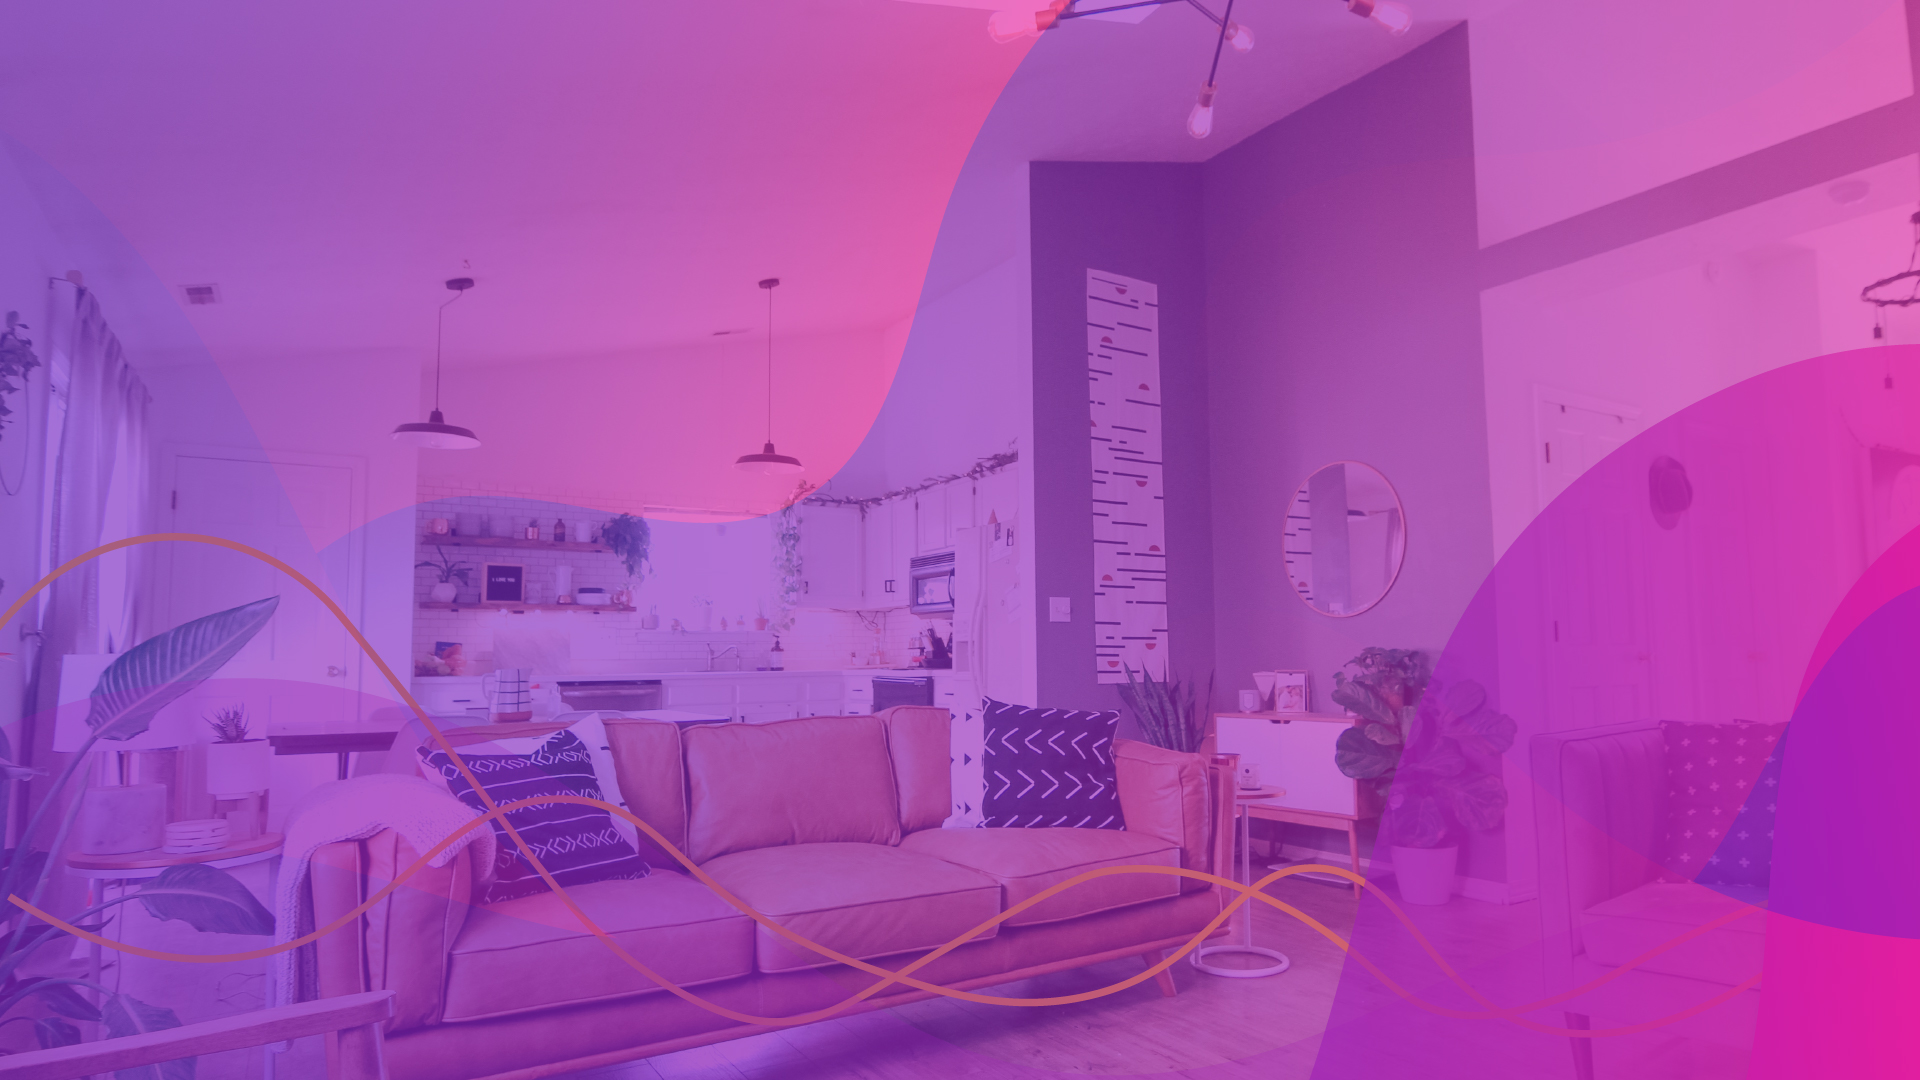 Covid-19: Como fica o setor imobiliário?